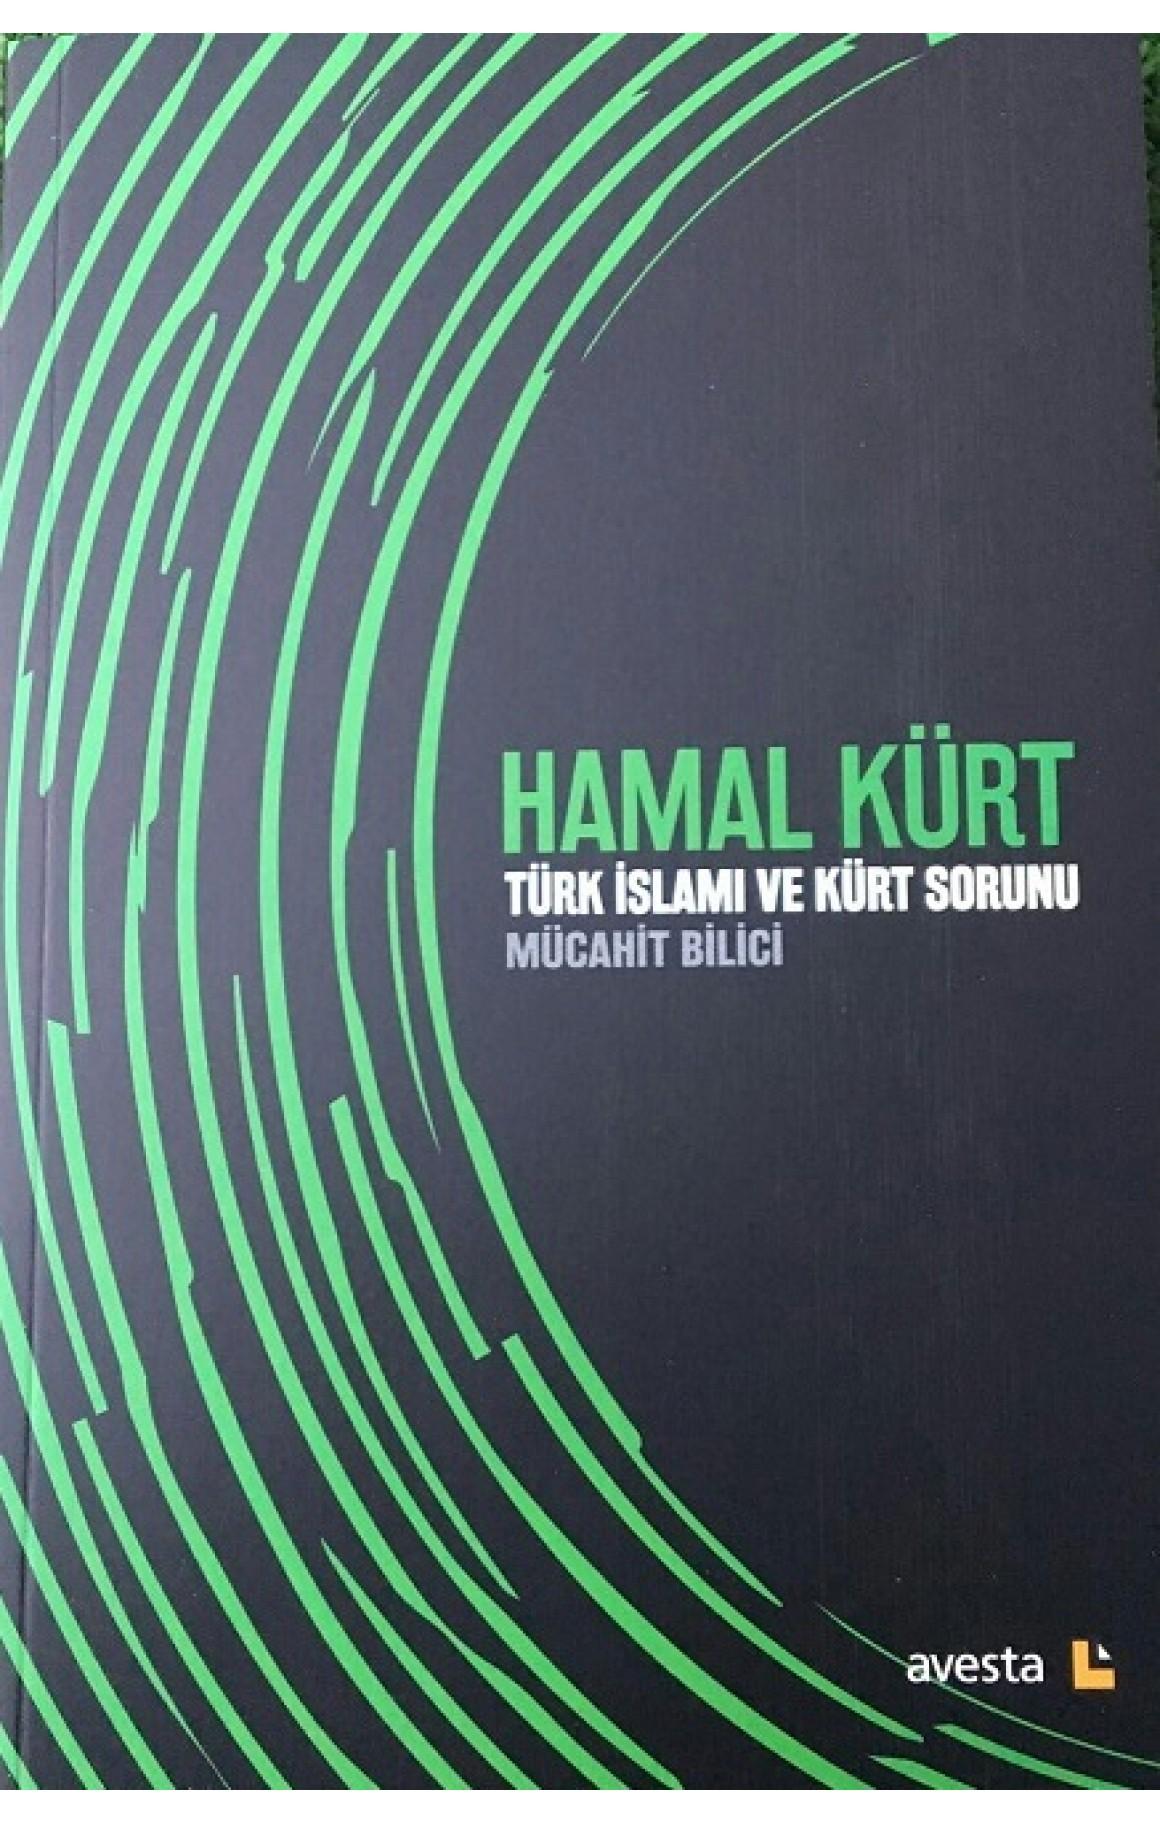 Hamal Kürt - Türk İslamı ve Kürt Sorunu